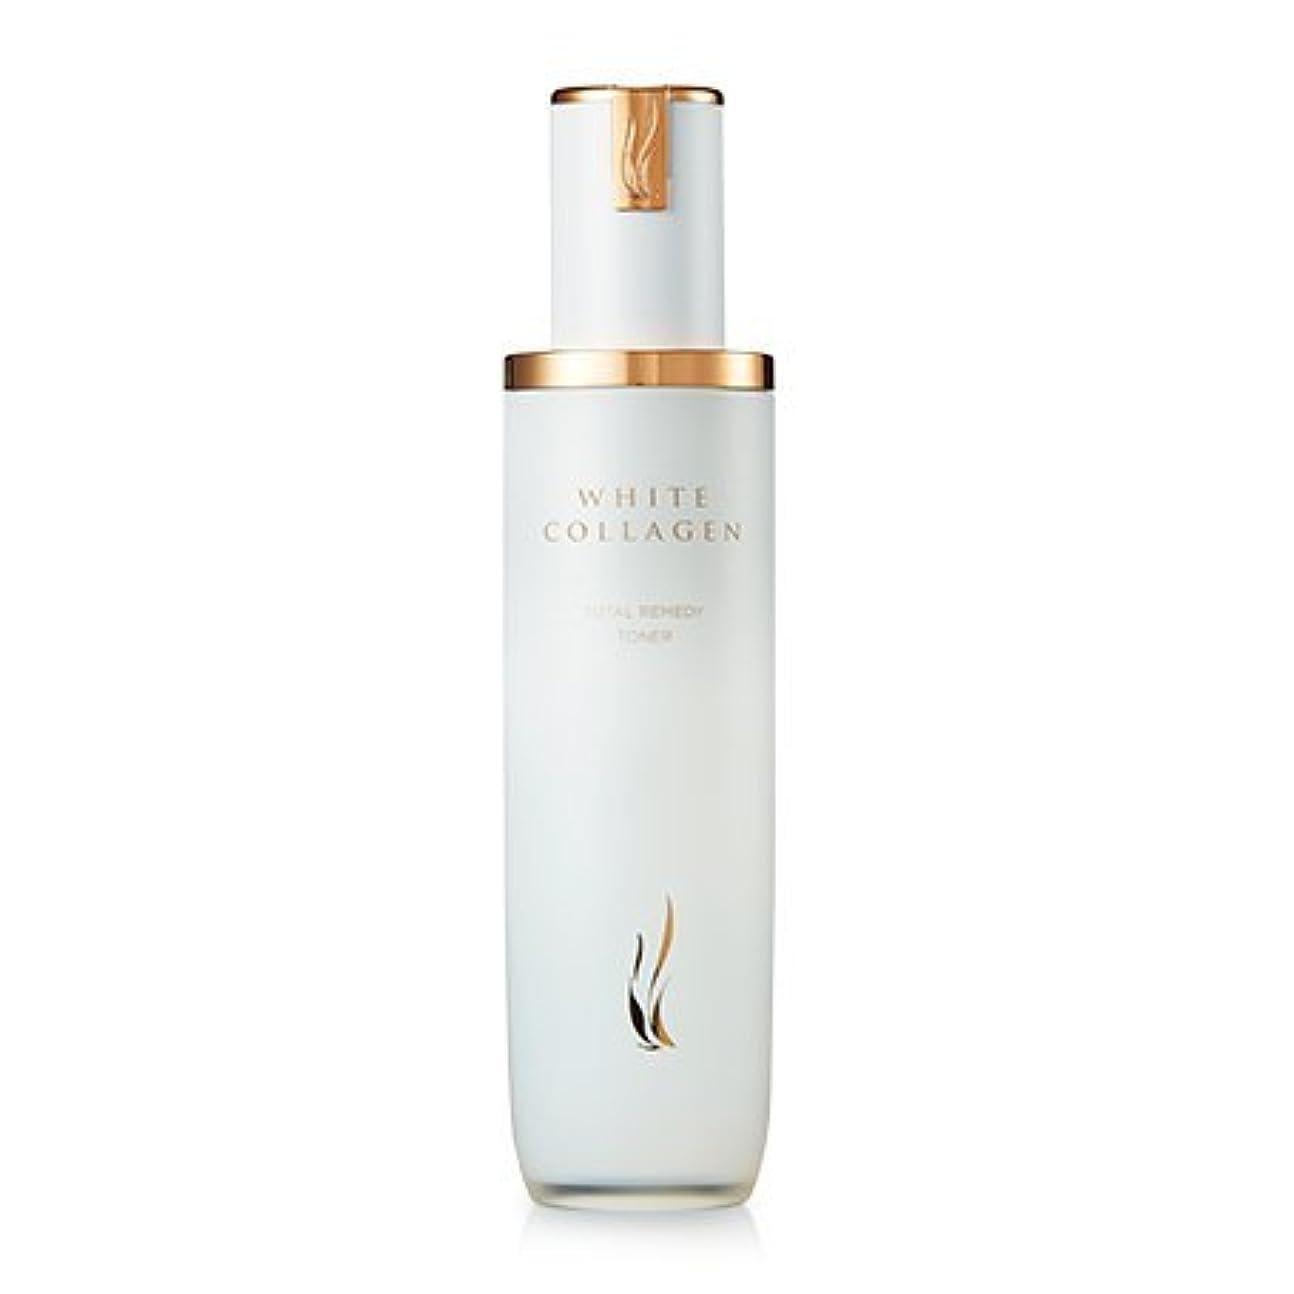 断言する大混乱香り[New] A.H.C (AHC) White Collagen Total Remedy Toner 130ml/A.H.C ホワイト コラーゲン トータル レミディ トナー 130ml [並行輸入品]